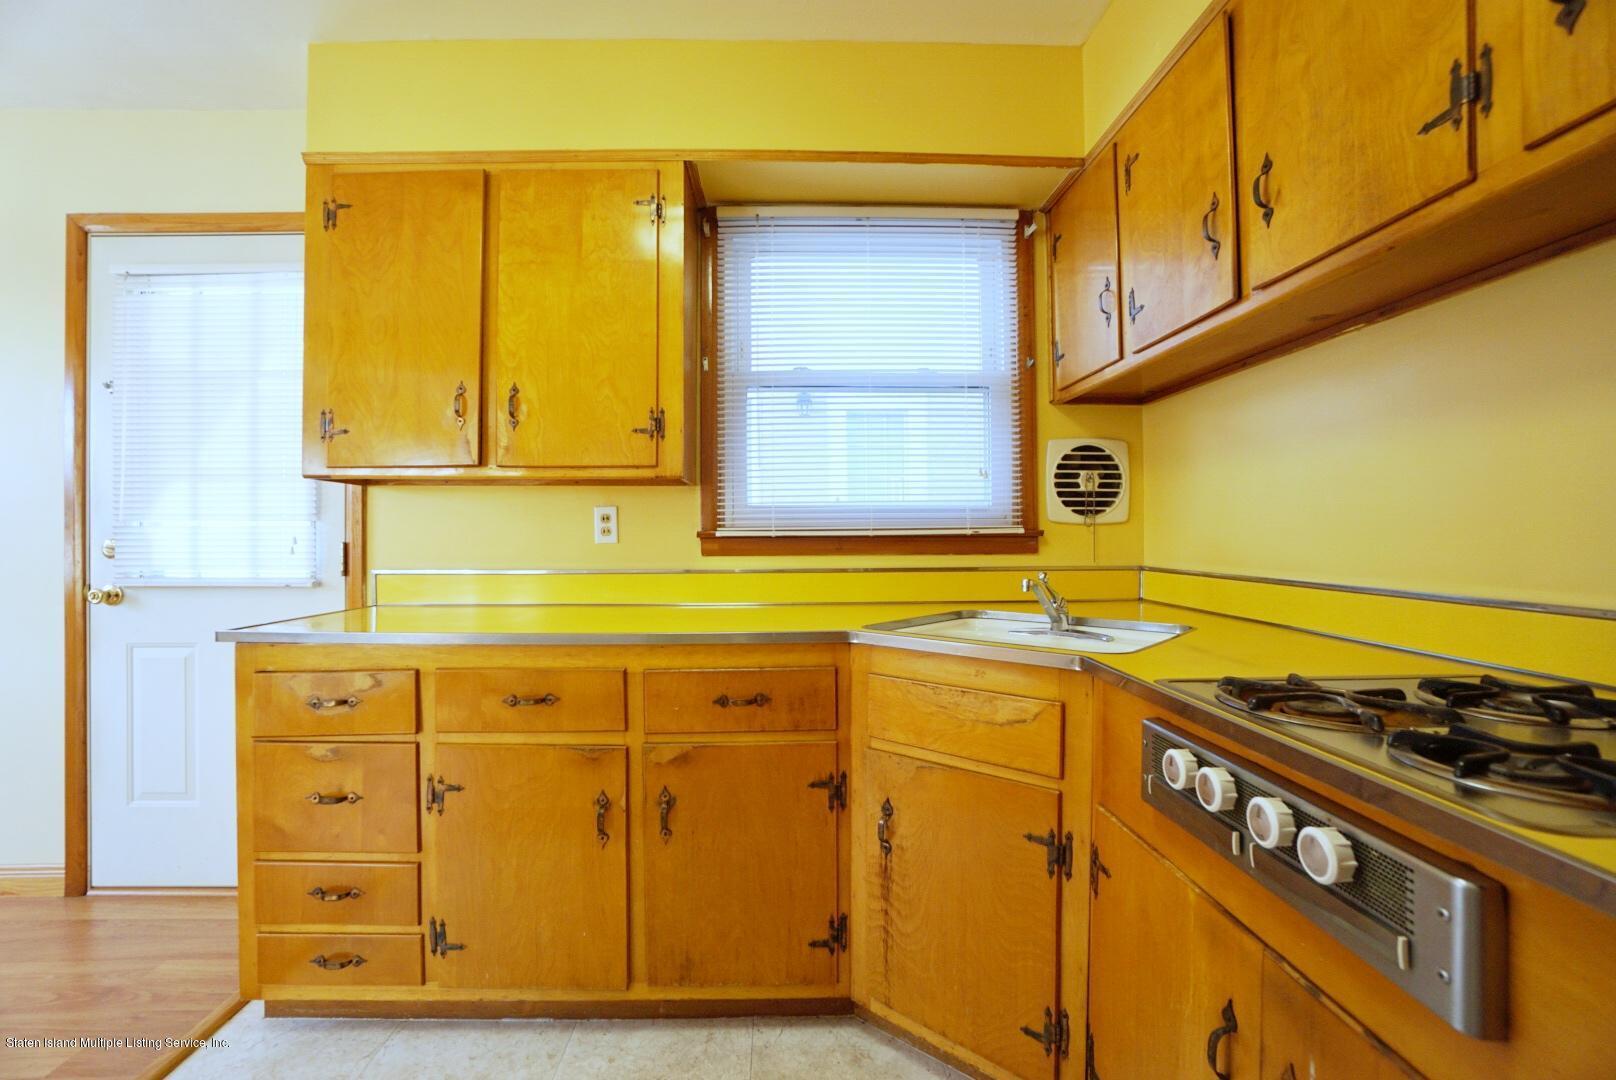 Single Family - Detached 215 Fairbanks Avenue  Staten Island, NY 10306, MLS-1138817-16